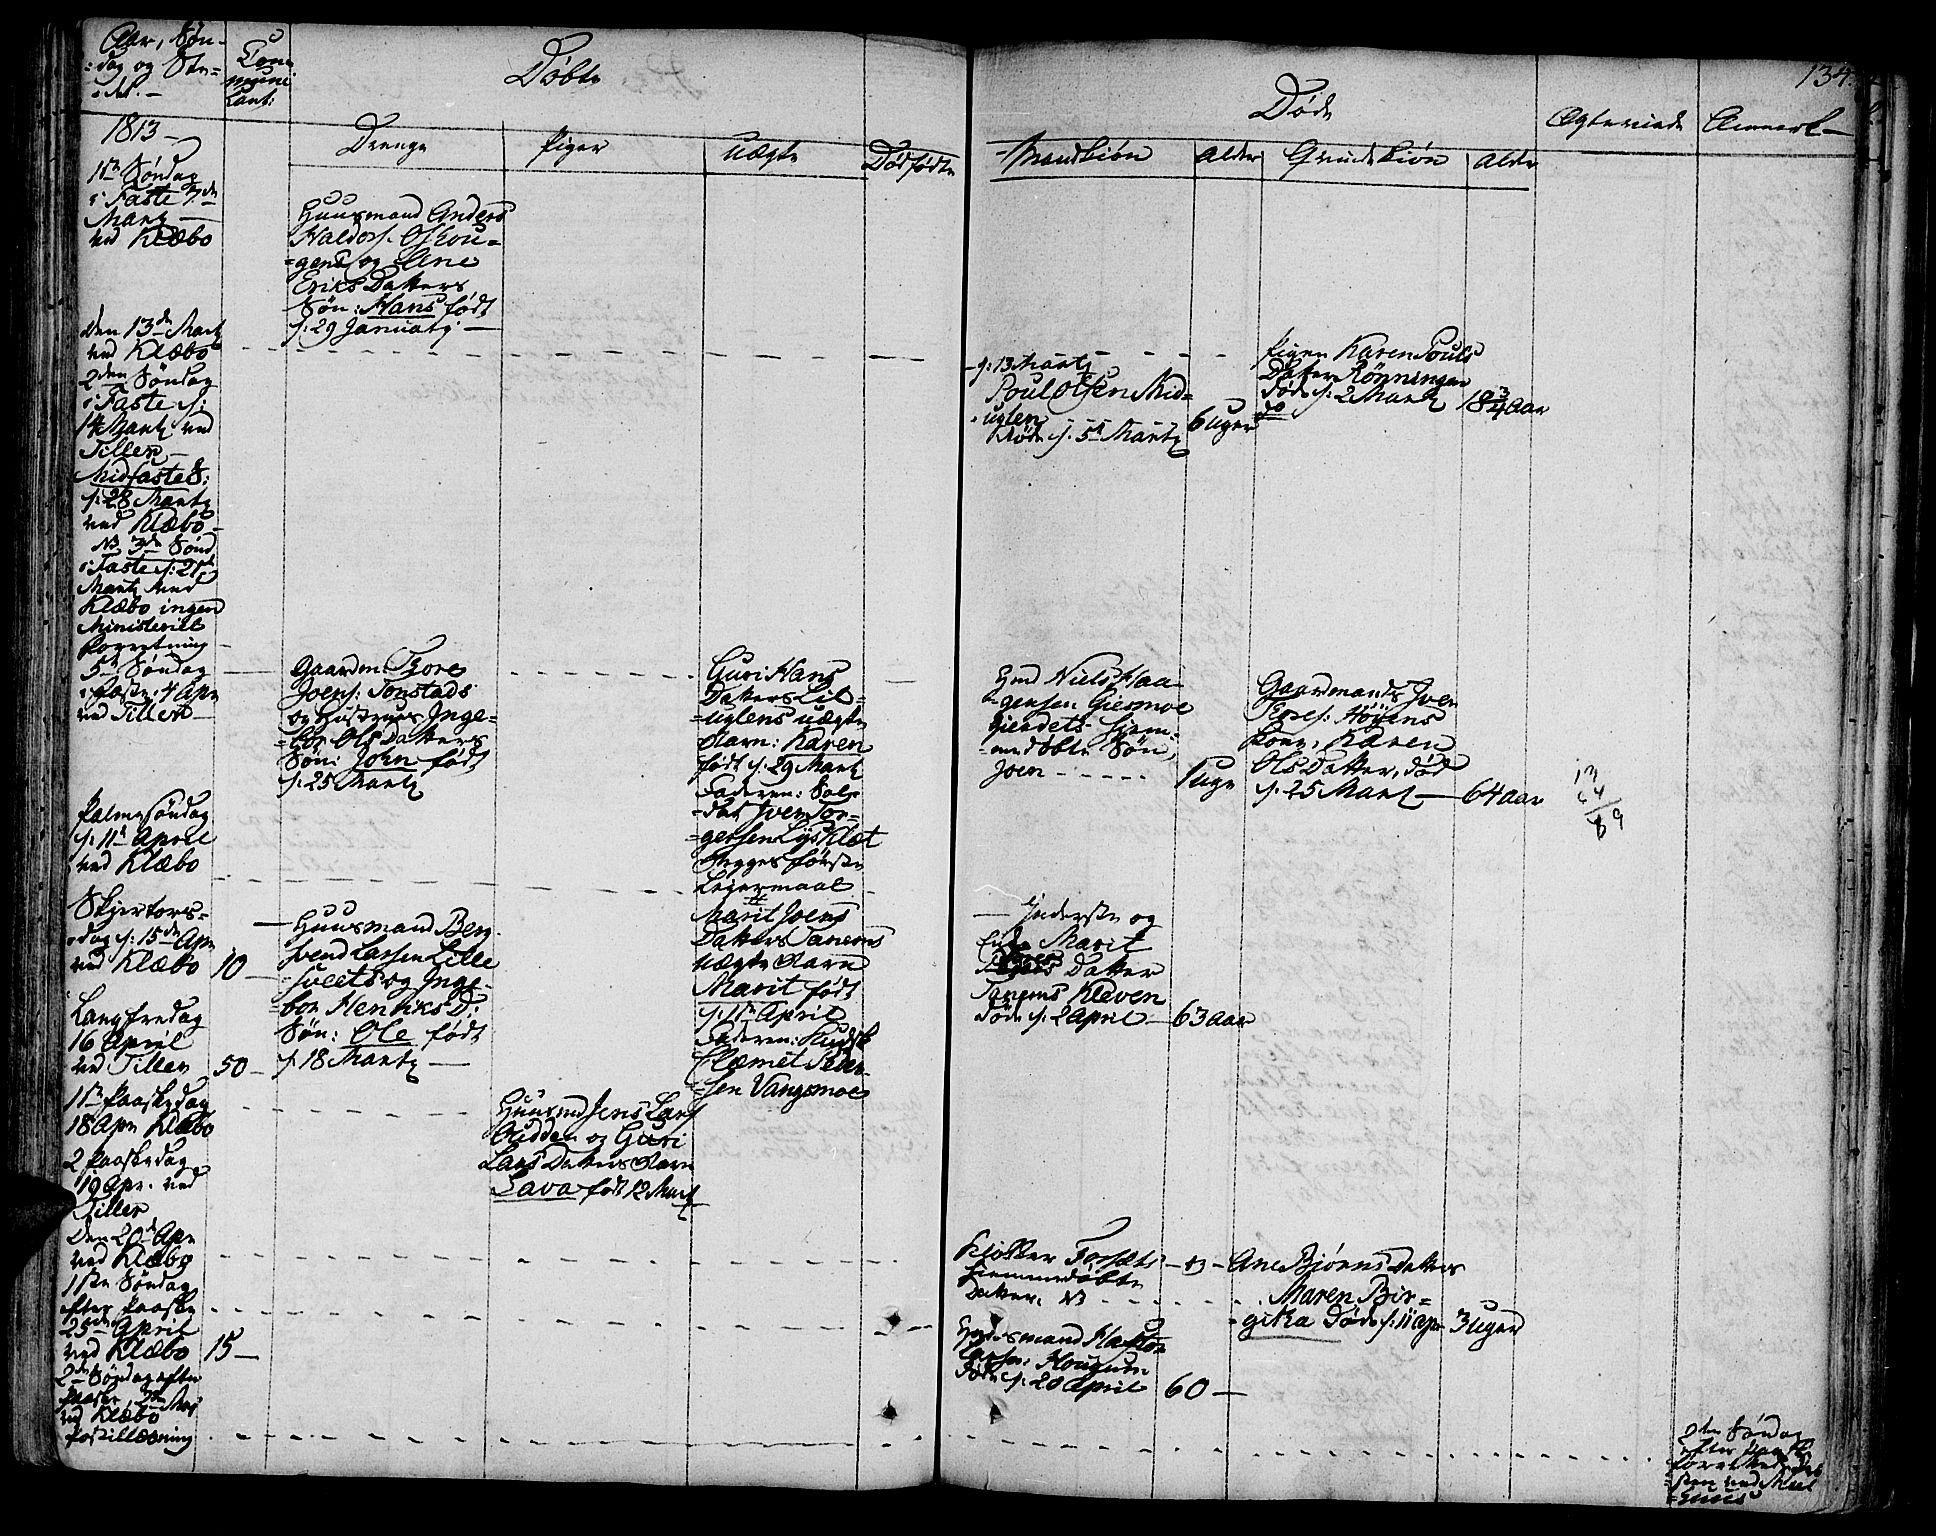 SAT, Ministerialprotokoller, klokkerbøker og fødselsregistre - Sør-Trøndelag, 618/L0438: Ministerialbok nr. 618A03, 1783-1815, s. 134